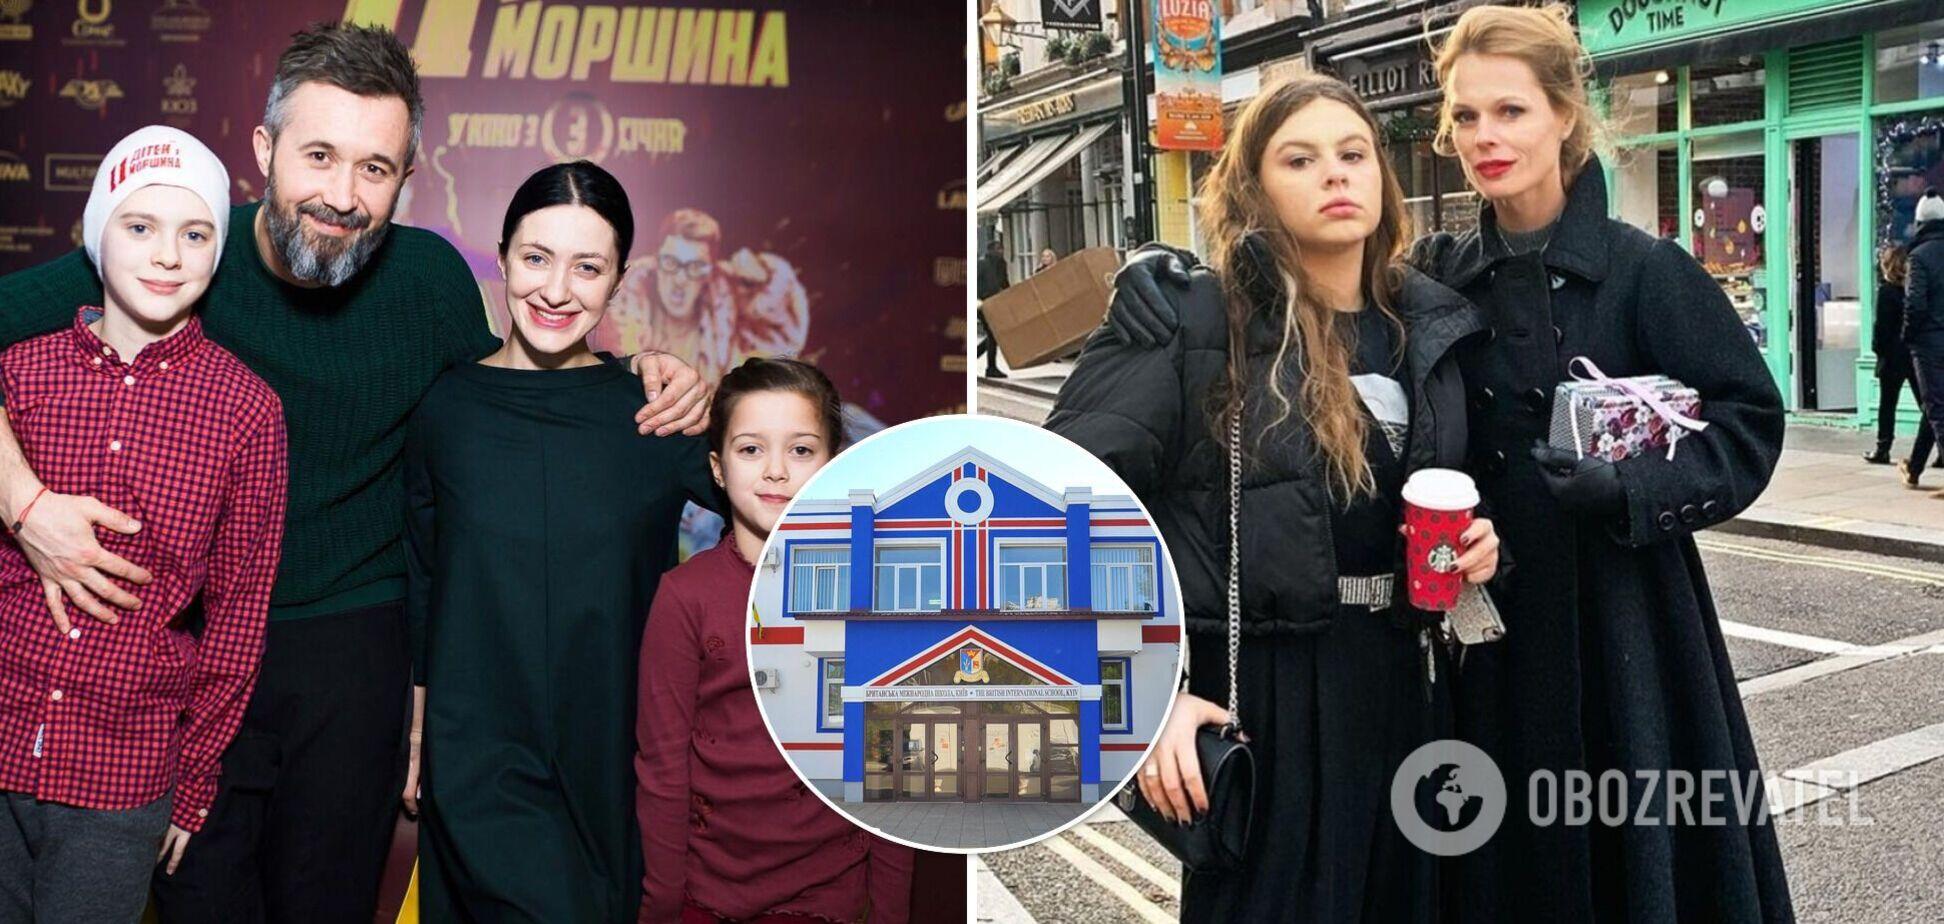 От 640 тысяч гривен за год: самые престижные школы Украины, где учатся дети украинских звезд. Фото